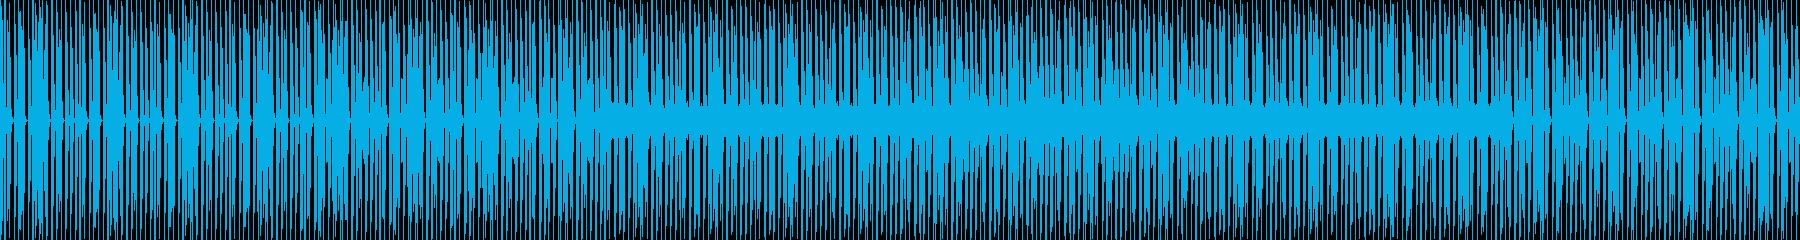 マイナーコードで怪しい感じのBGMの再生済みの波形